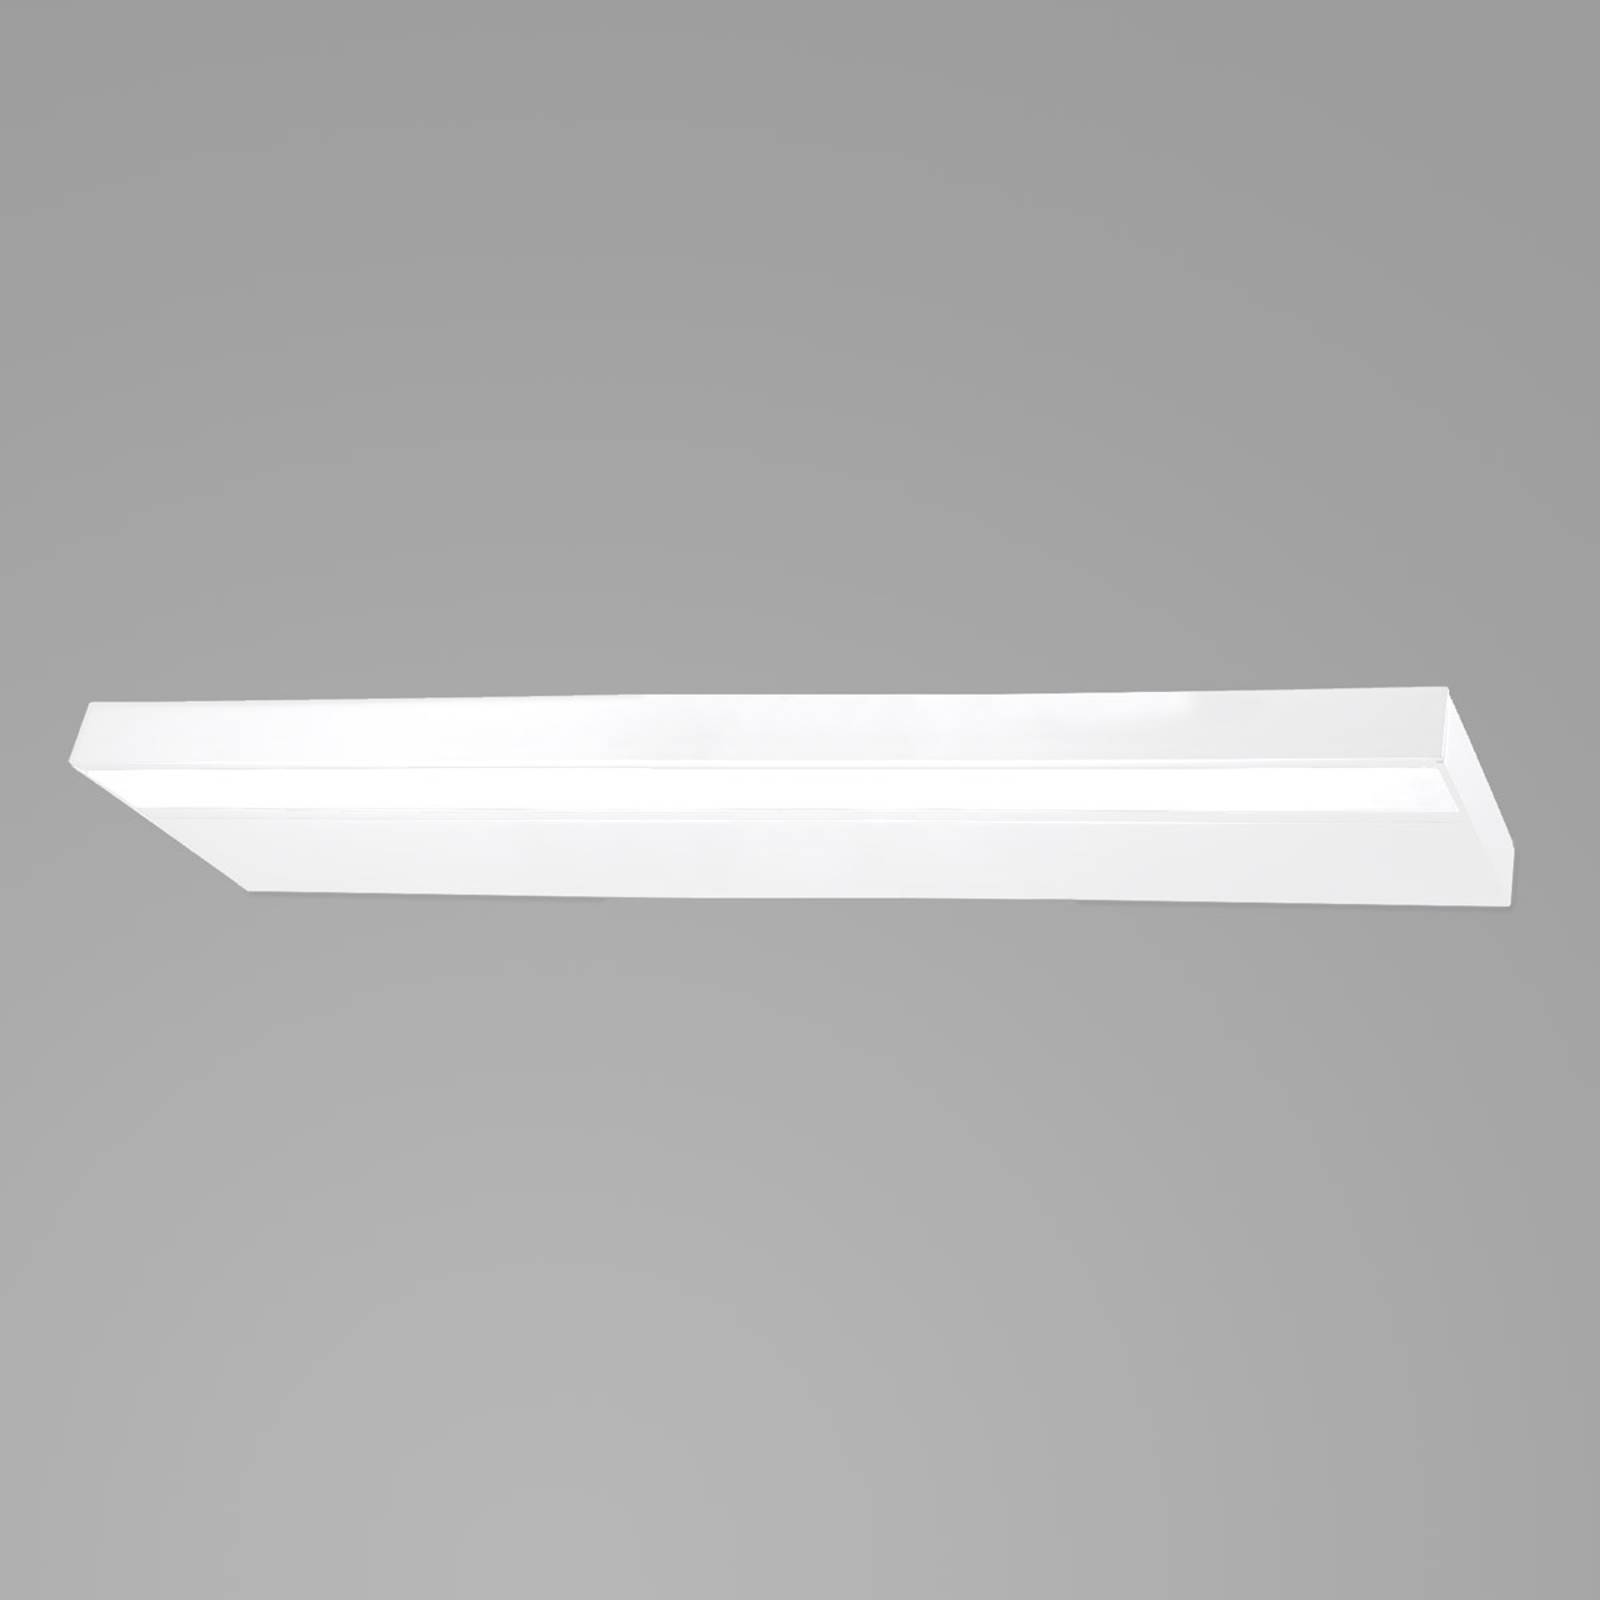 Kylpyhuoneen LED-seinälamppu Prim 120cm, valkoinen